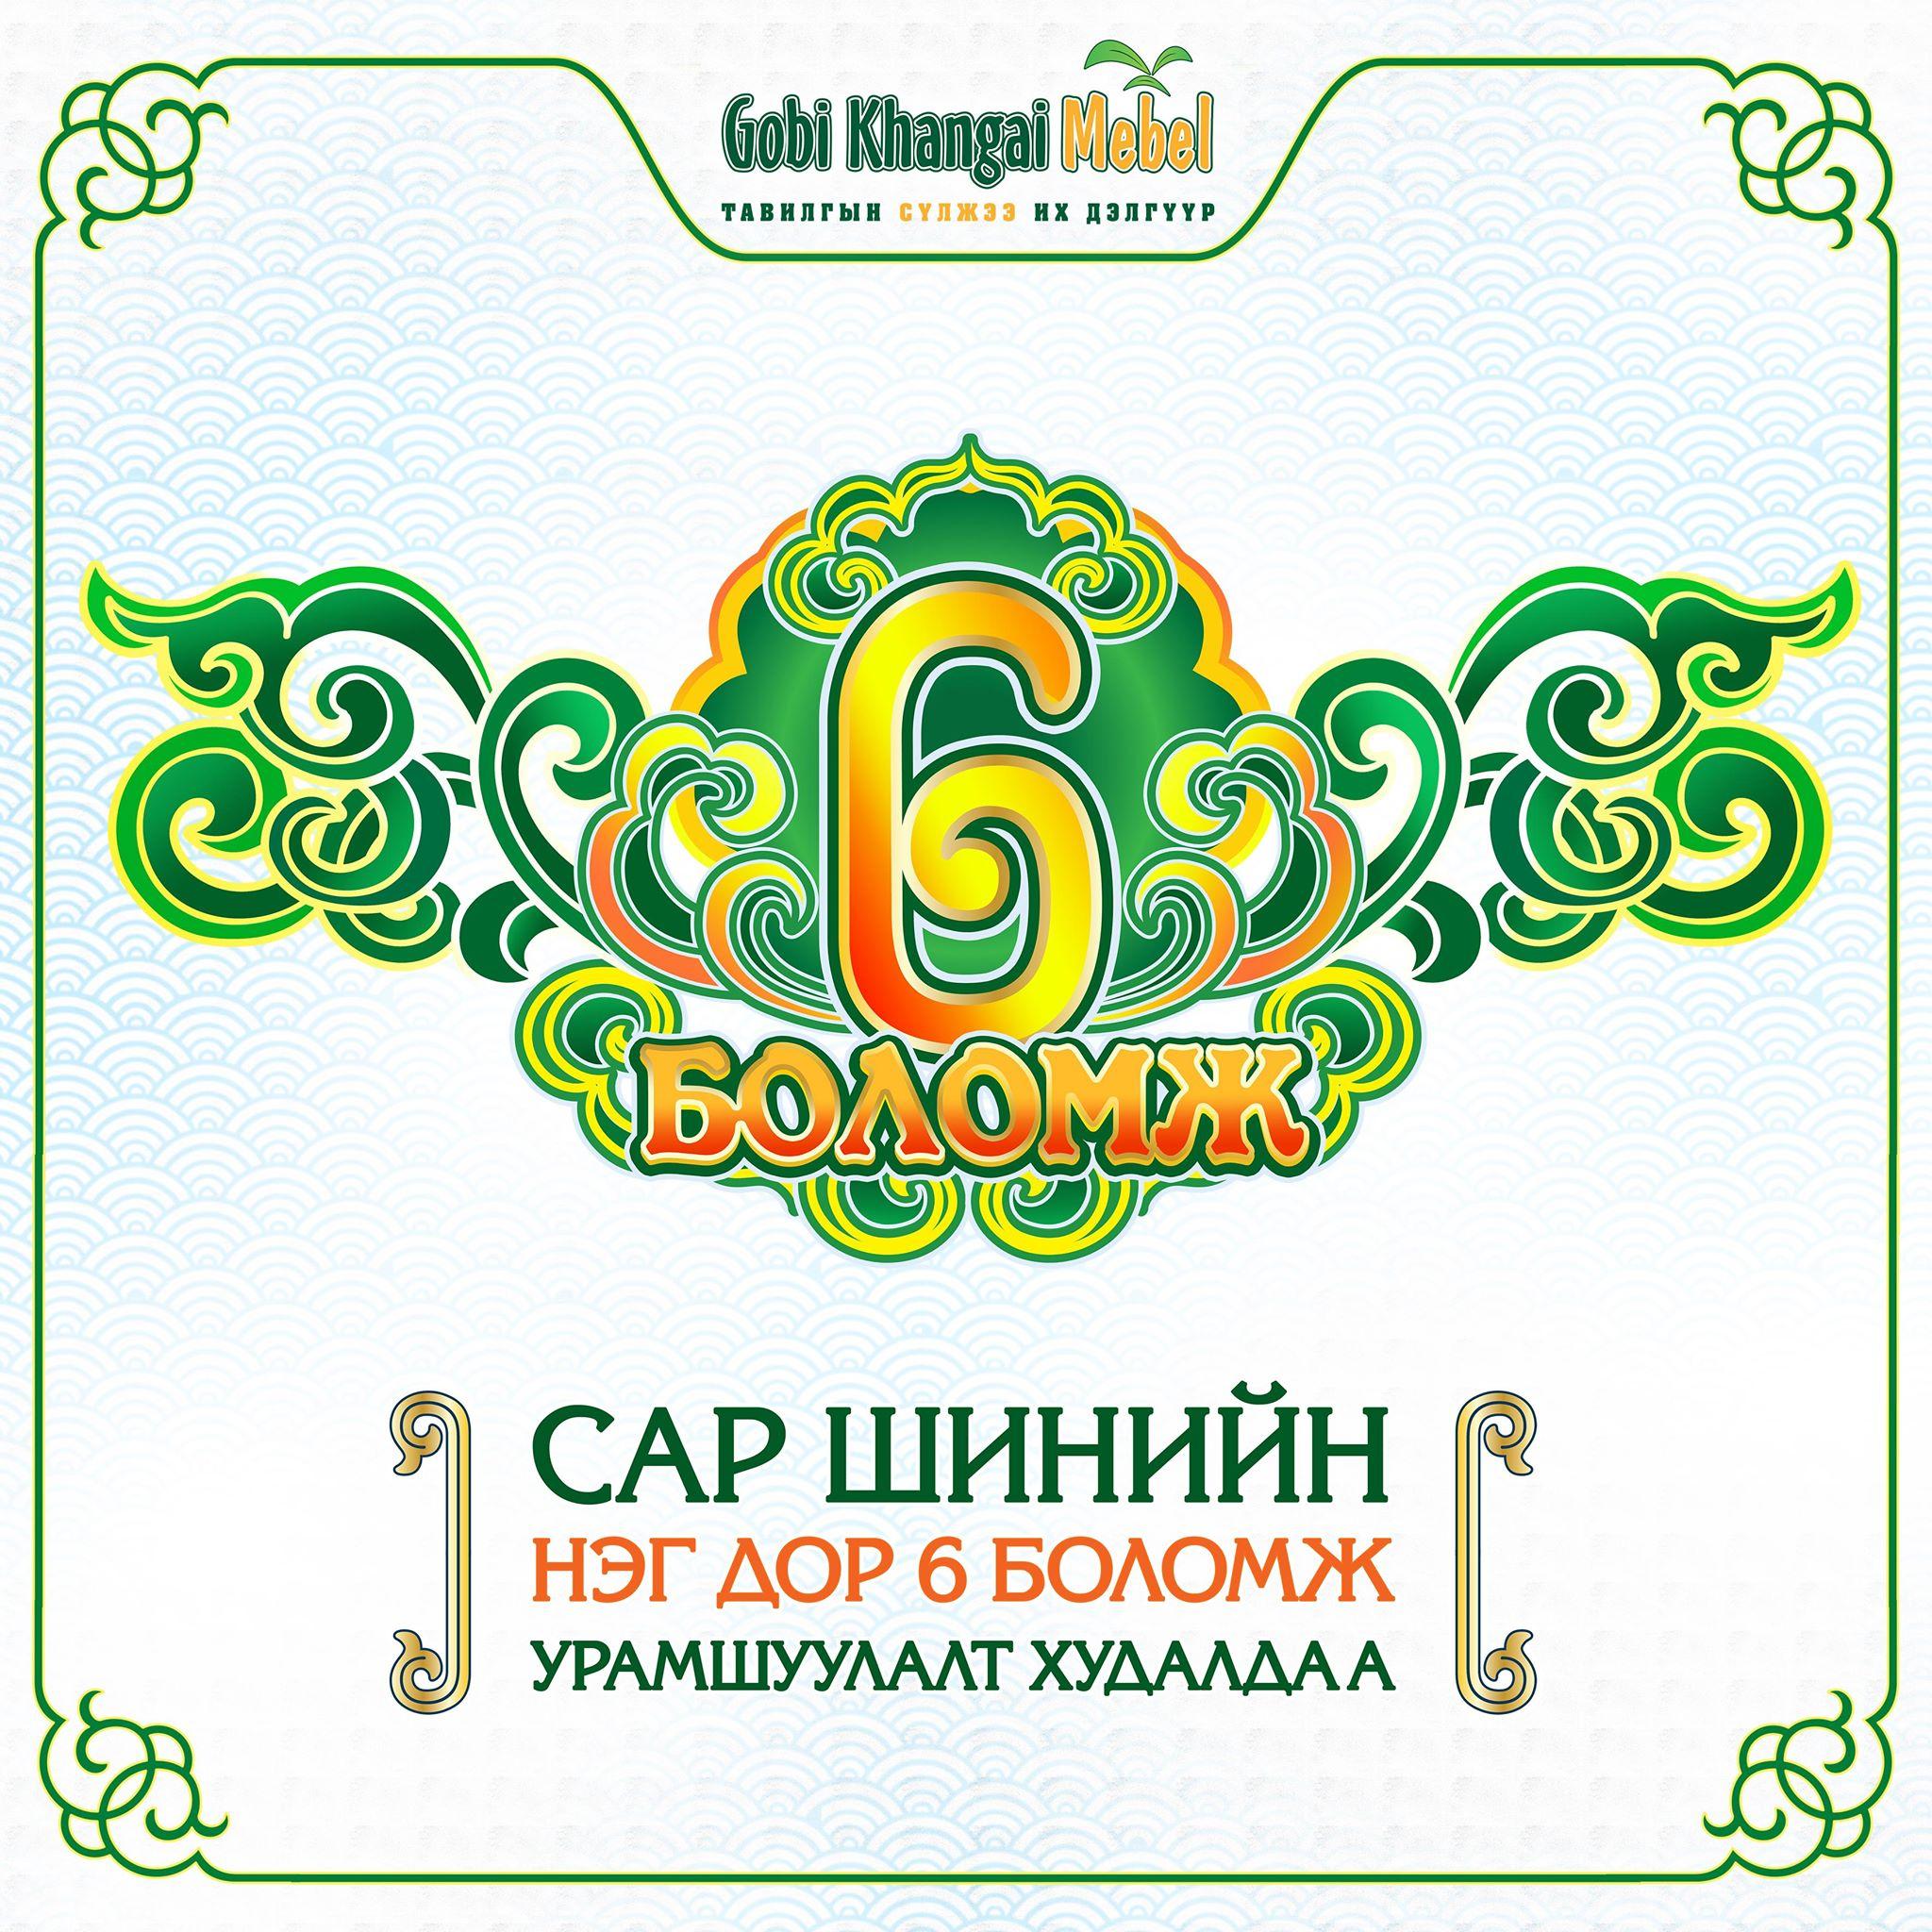 """4-5 """"НЭГ ДОР 6 БОЛОМЖ"""" – Сар шинийн урамшуулалт худалдаа"""